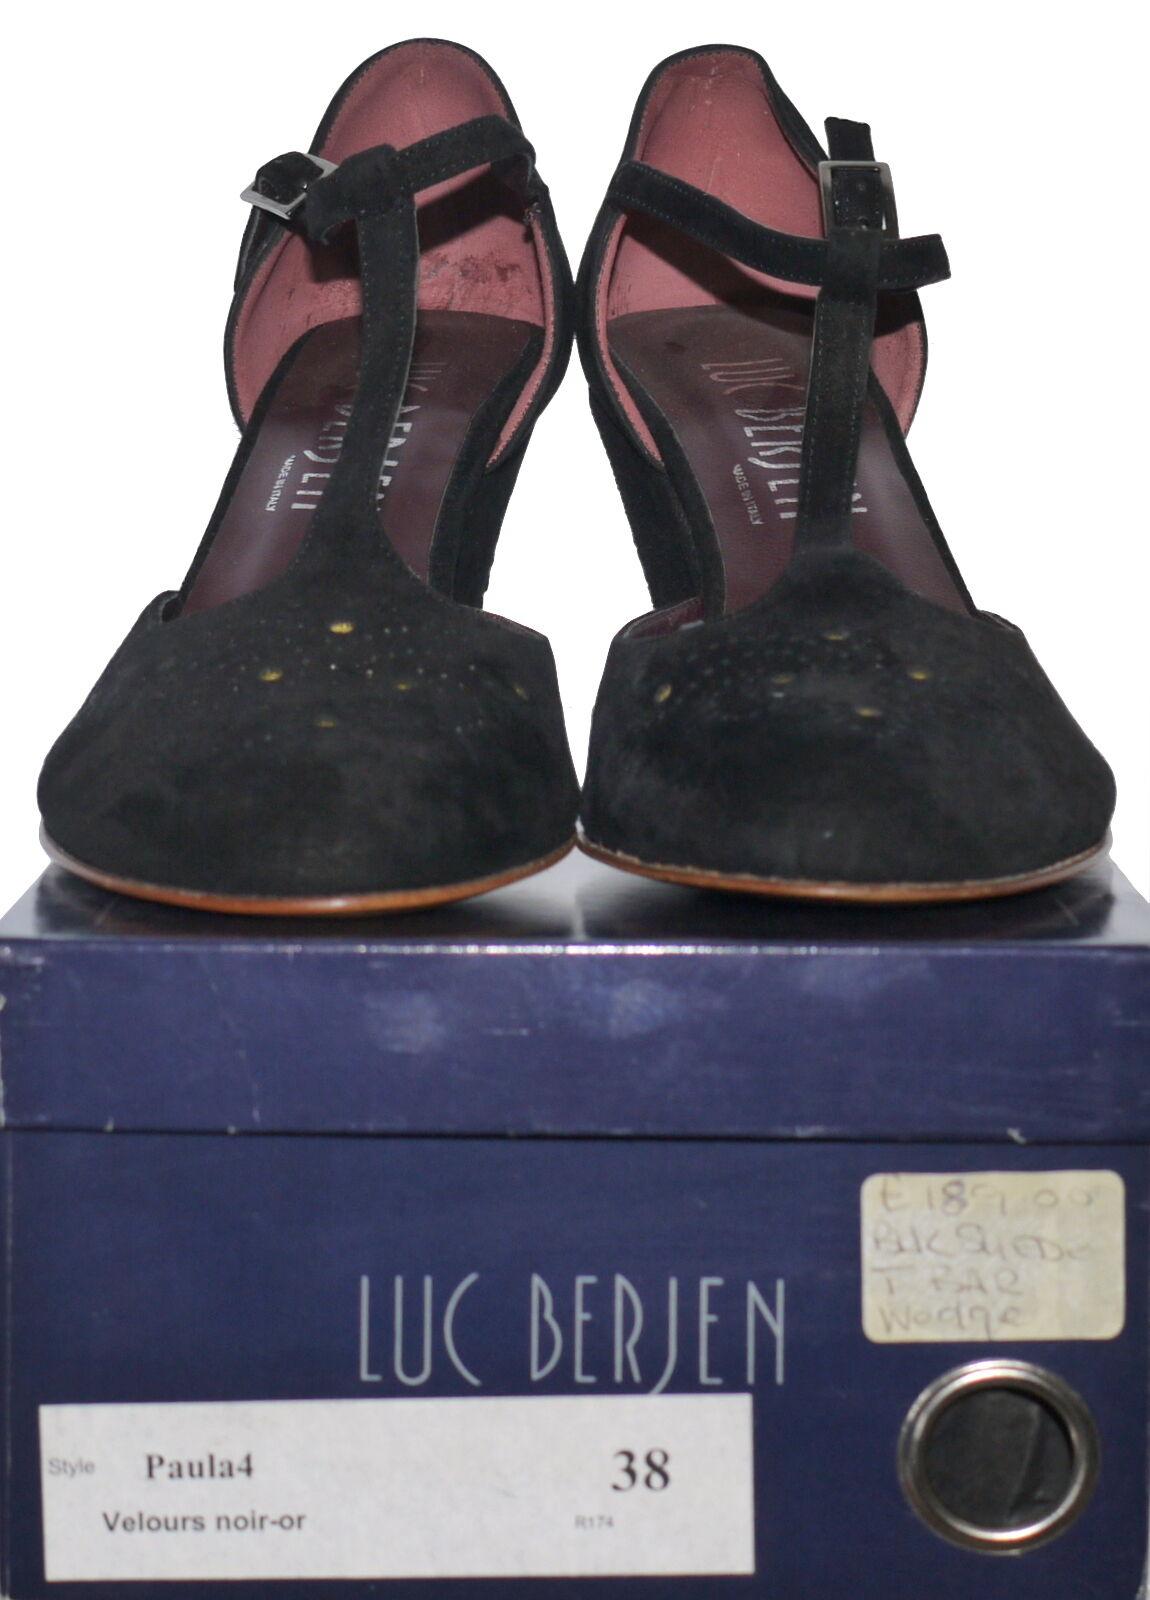 Luc Luc Luc Berjen Suede Wedged T-Bar Various Colour Sizes NIB SP cc856b